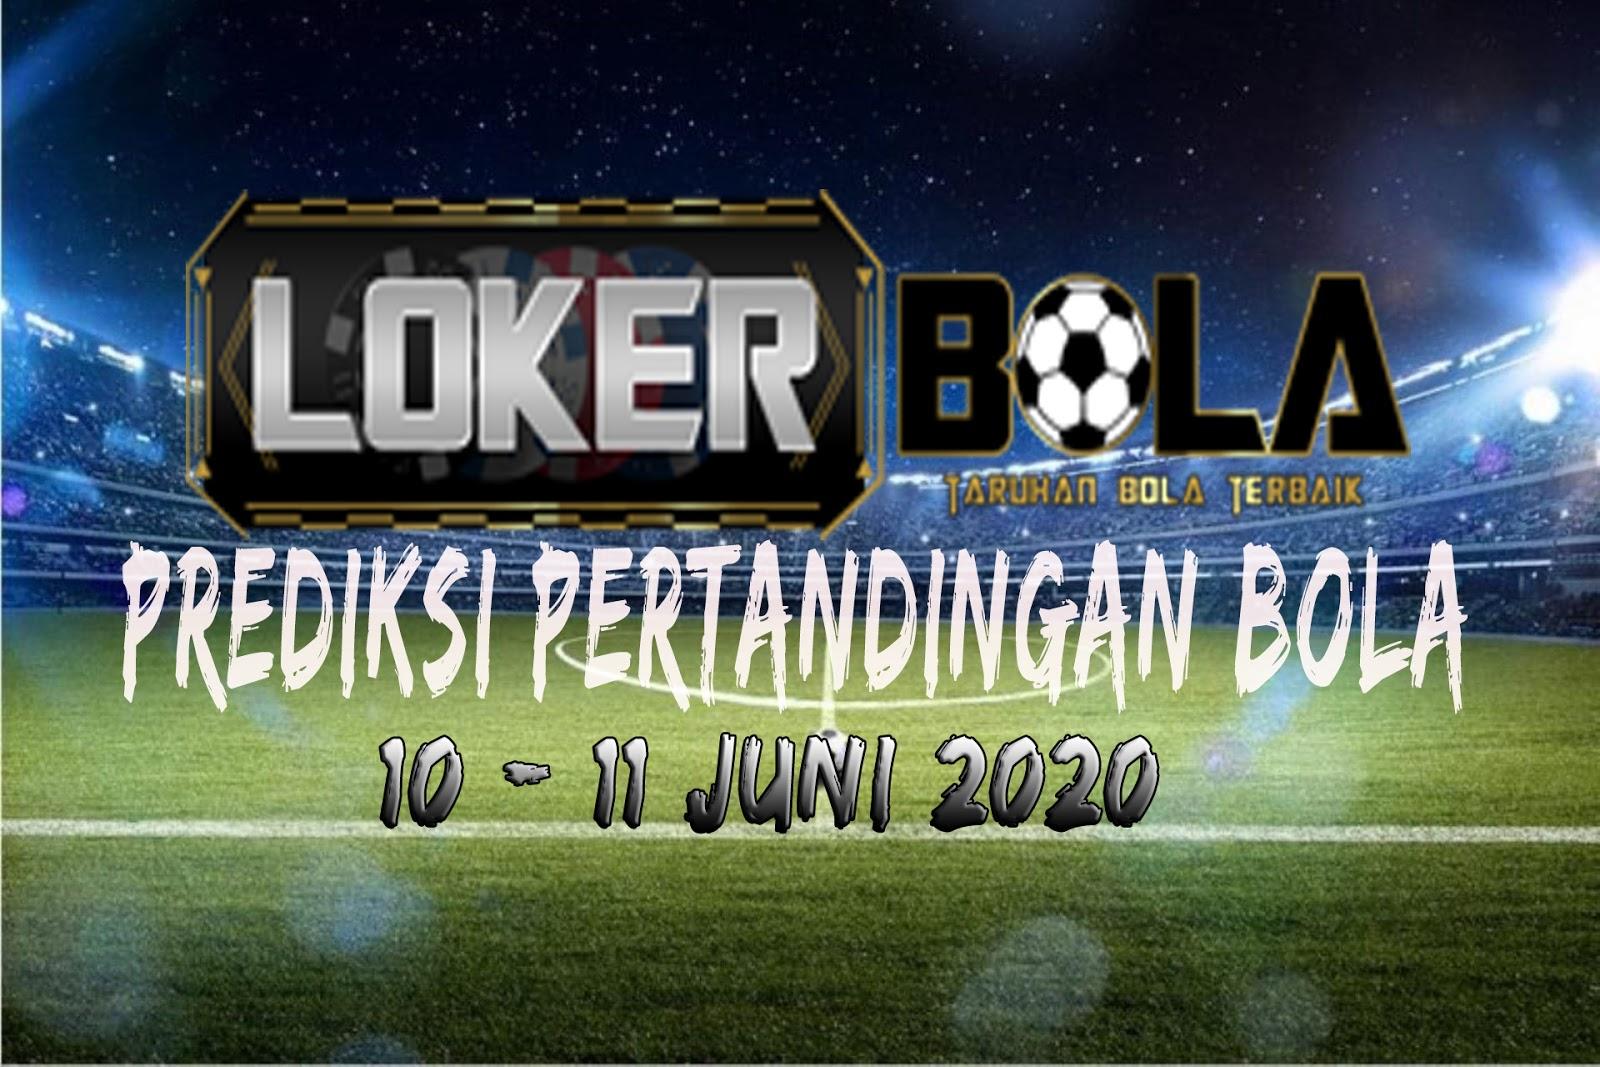 PREDIKSI PERTANDINGAN BOLA 10 – 11 June 2020